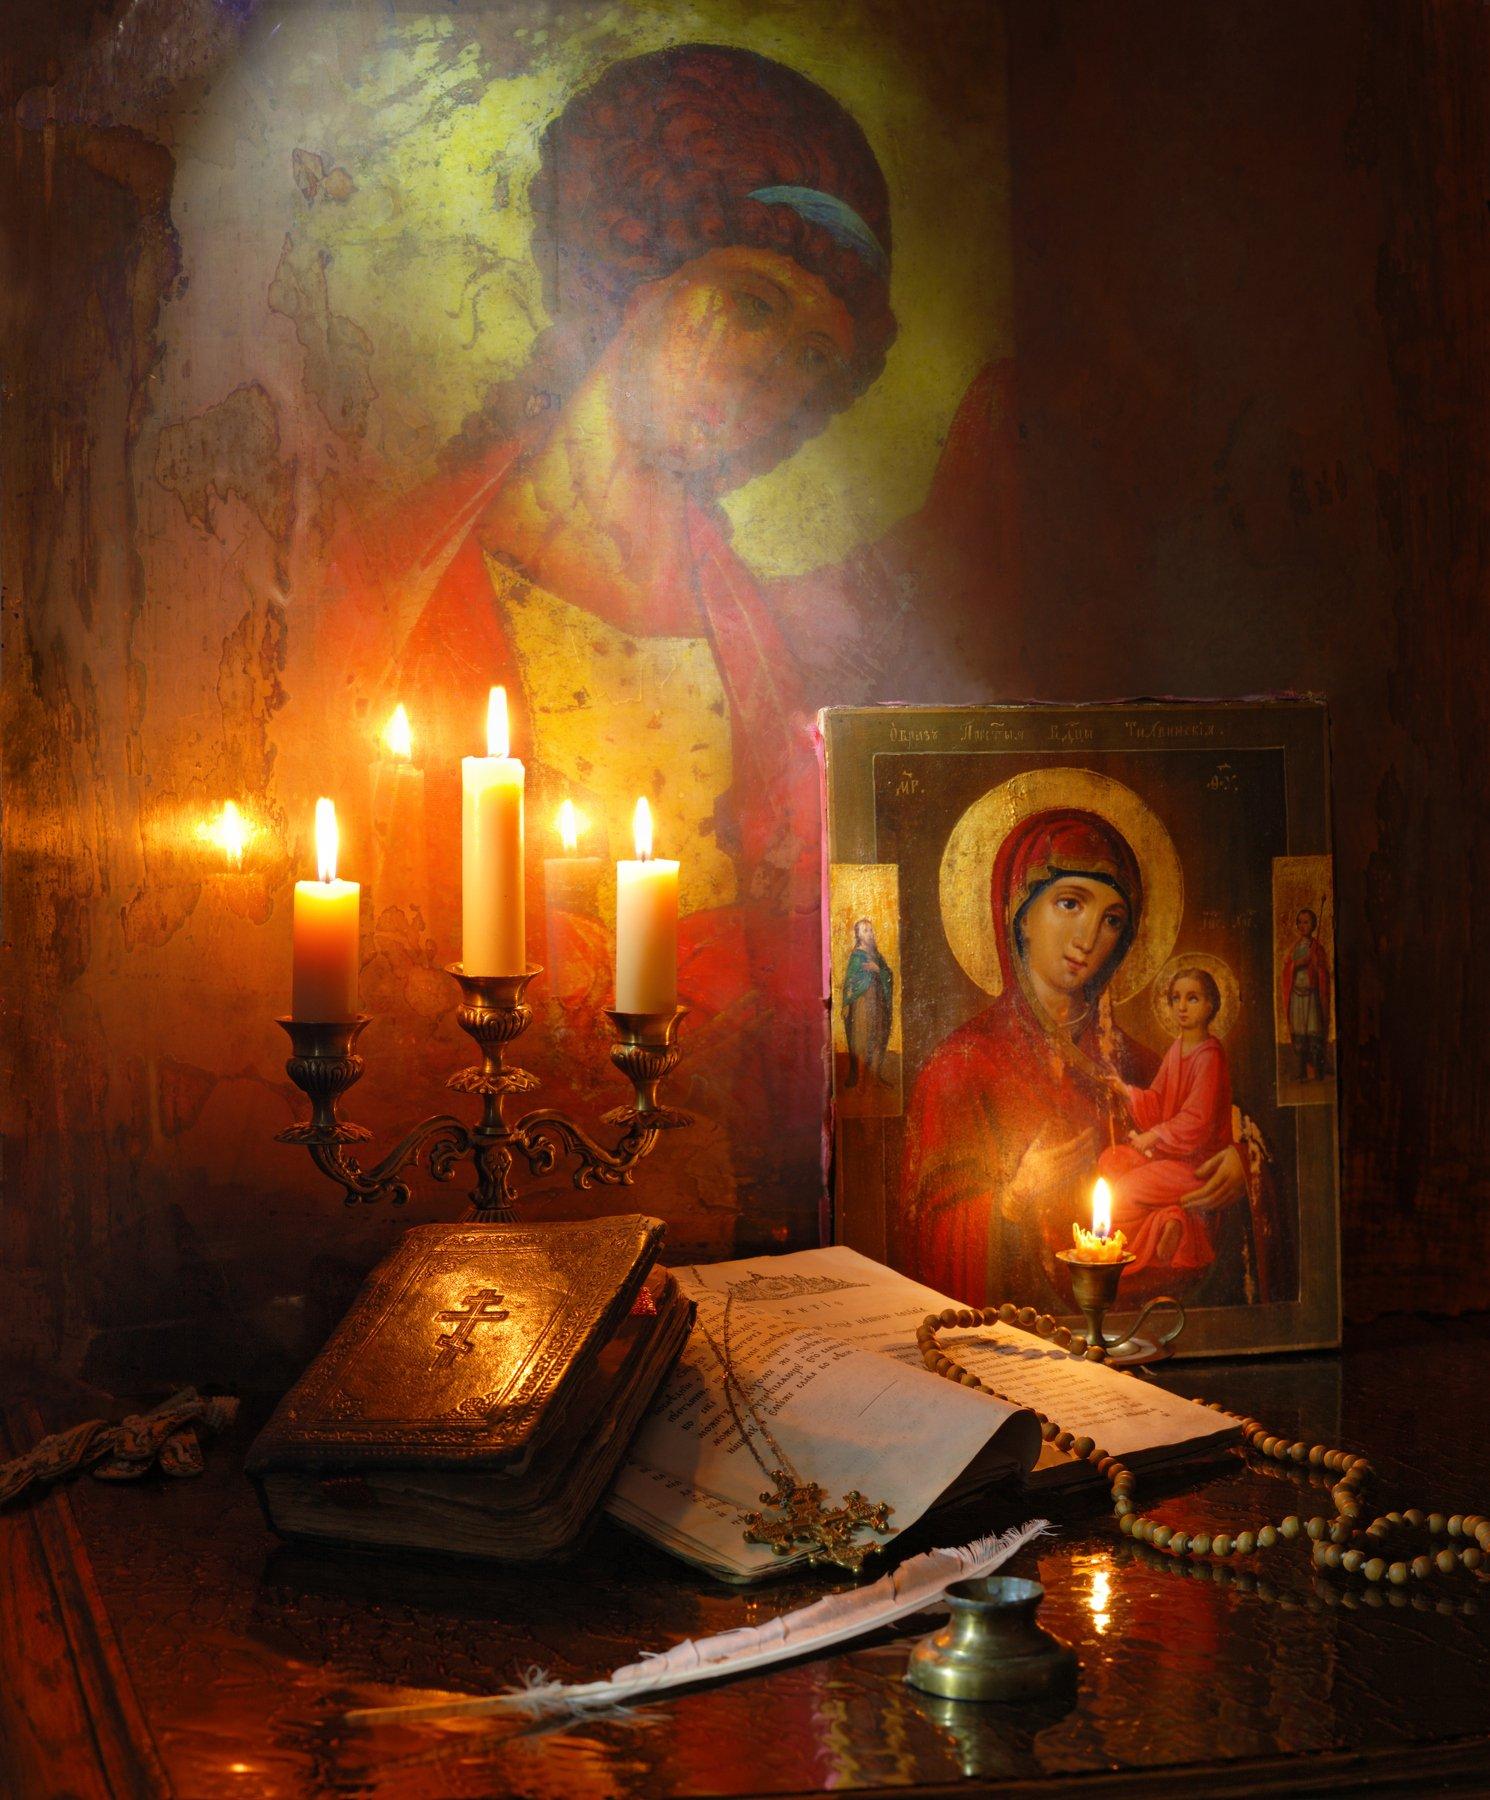 икона, ангел, книги, религия, свечи, Андрей Морозов